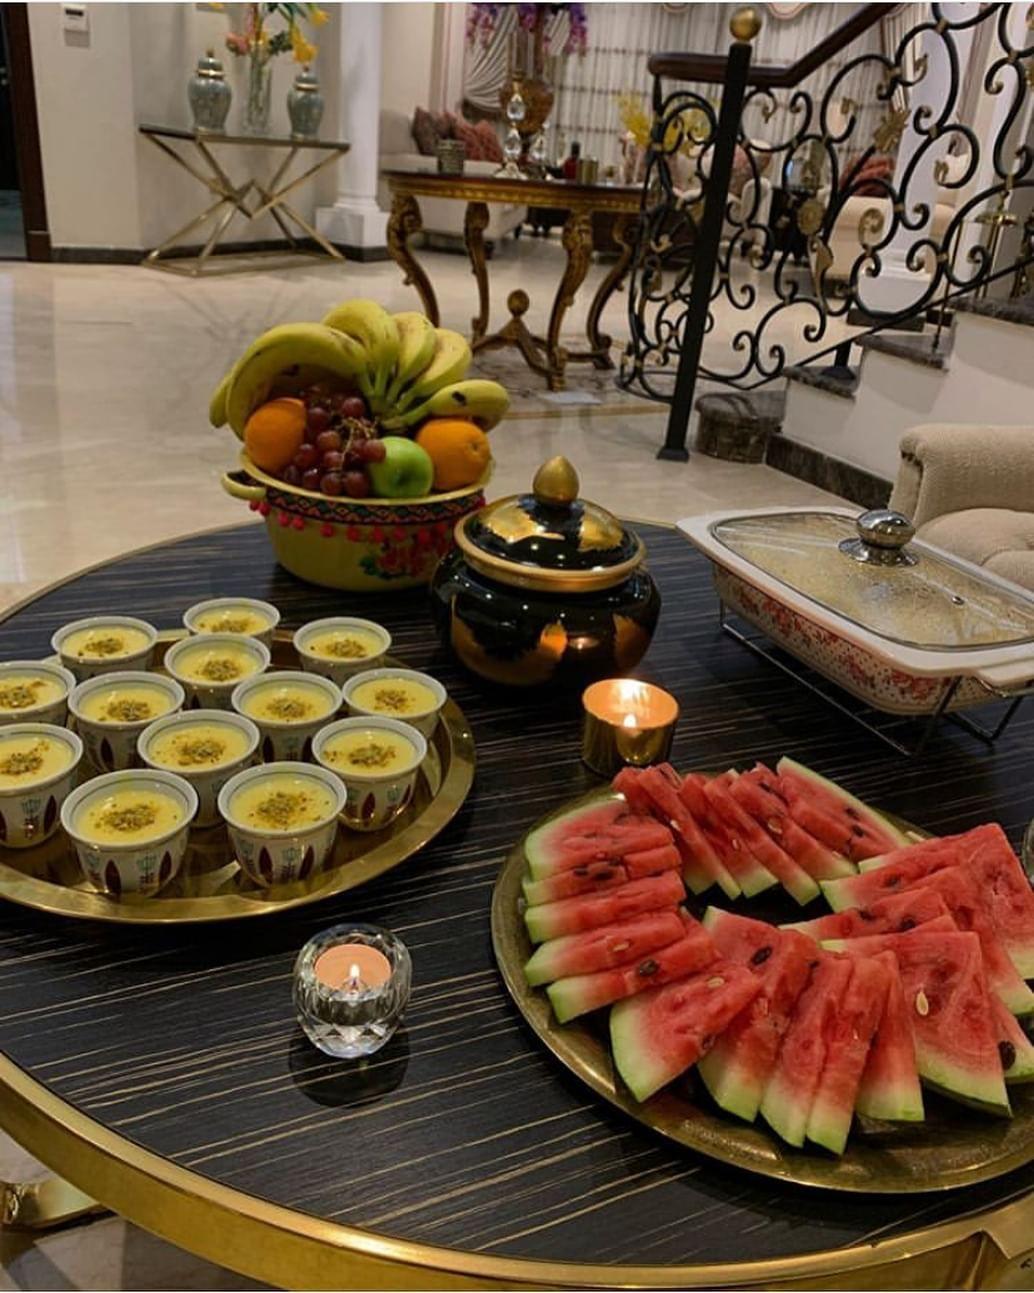 تقديماتكم Posted On Instagram حسابي هذالاسبوع برعاية هالجميله Noorraa 26 تعرض لكم تقديماتها وطبخاتهاحسابها ماشاءالله تبا Food Table Settings